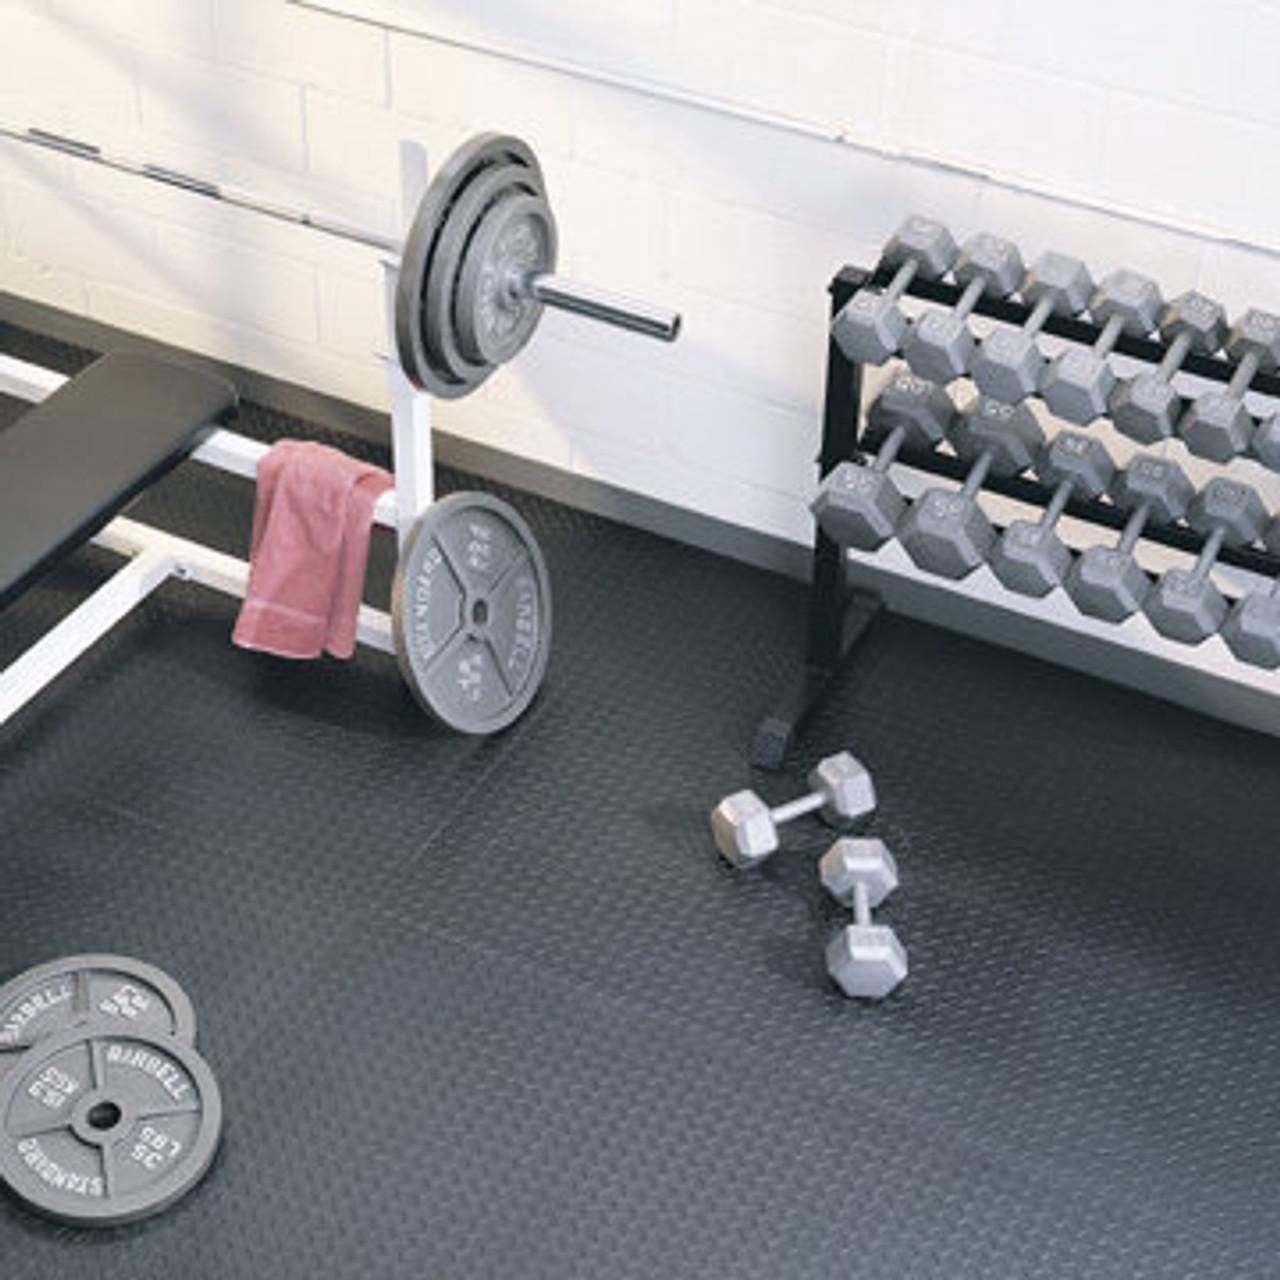 Supermats gym mats rubber gtech fitness